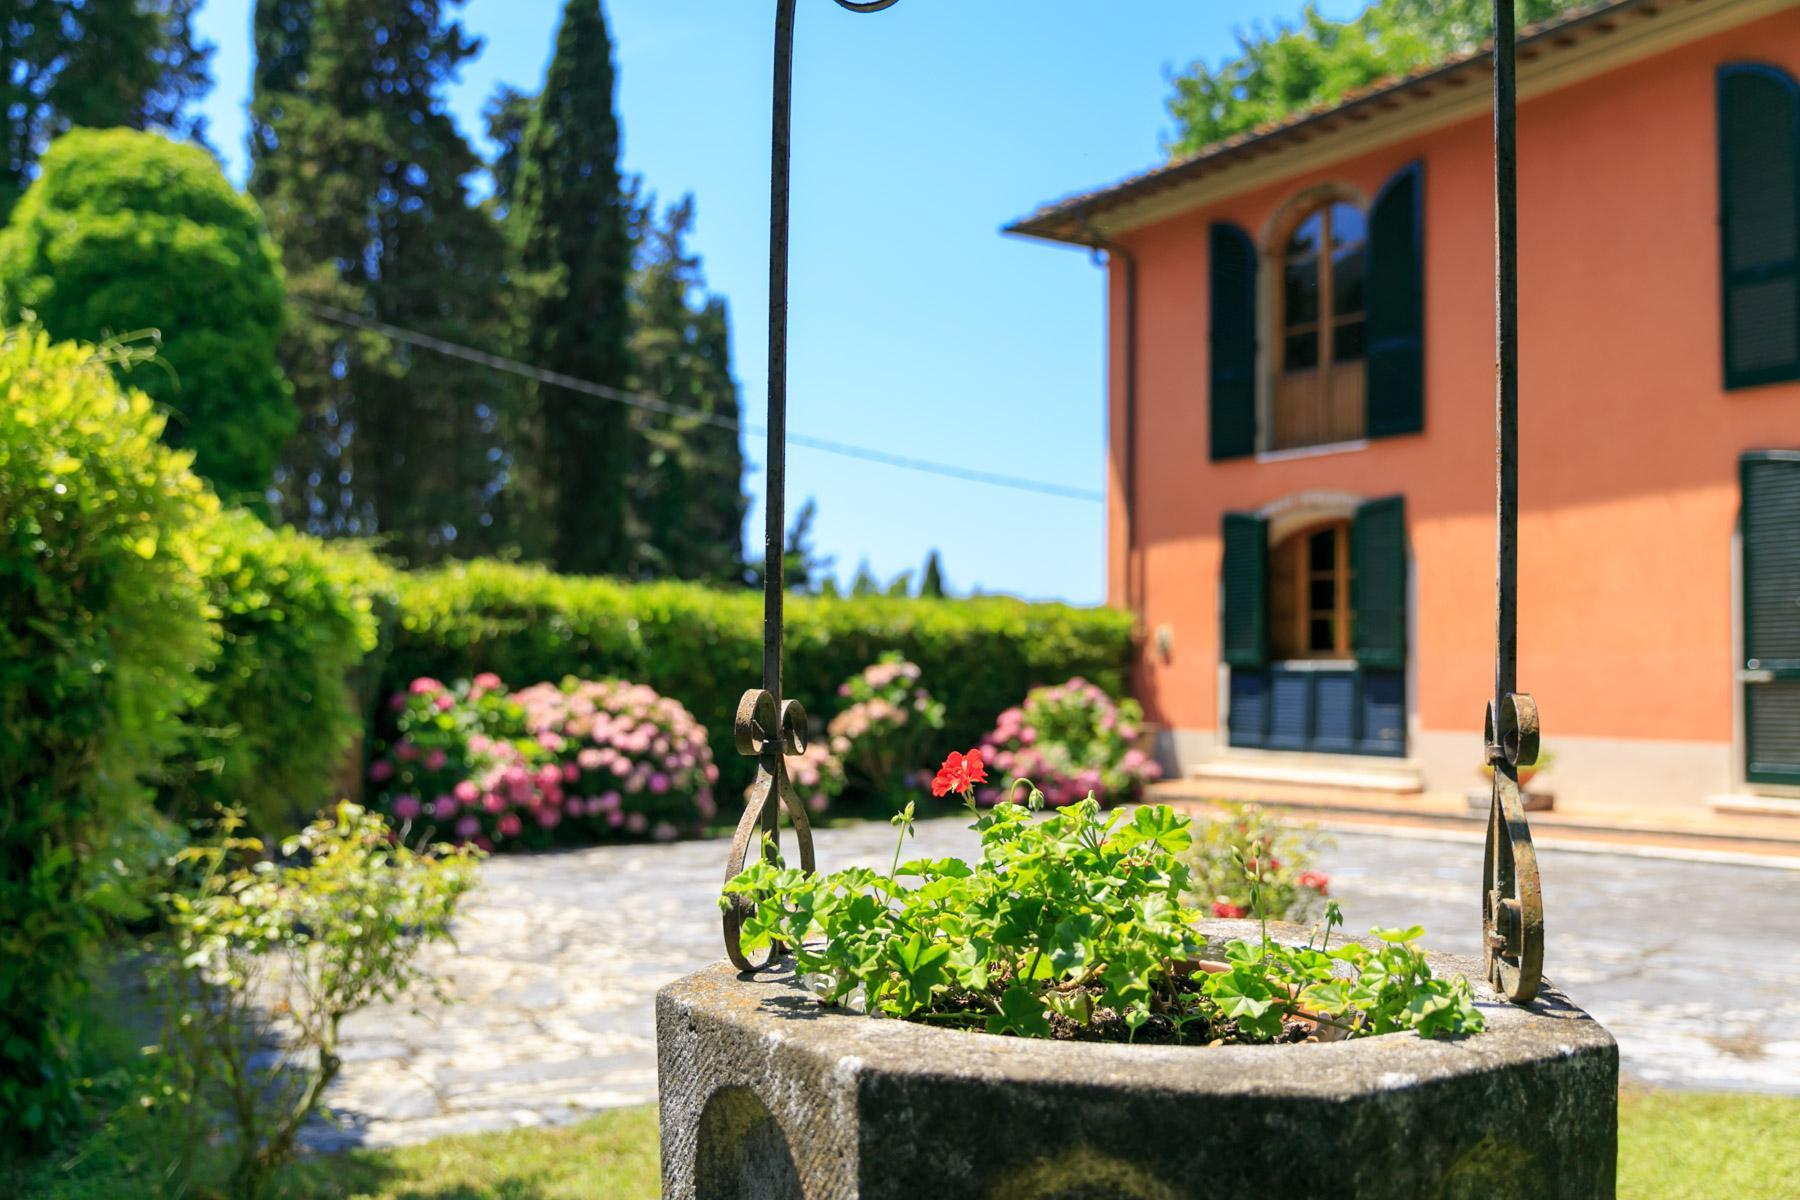 Elegante Villa mit Park und Olivenhainen auf dem Land Luccas - 3